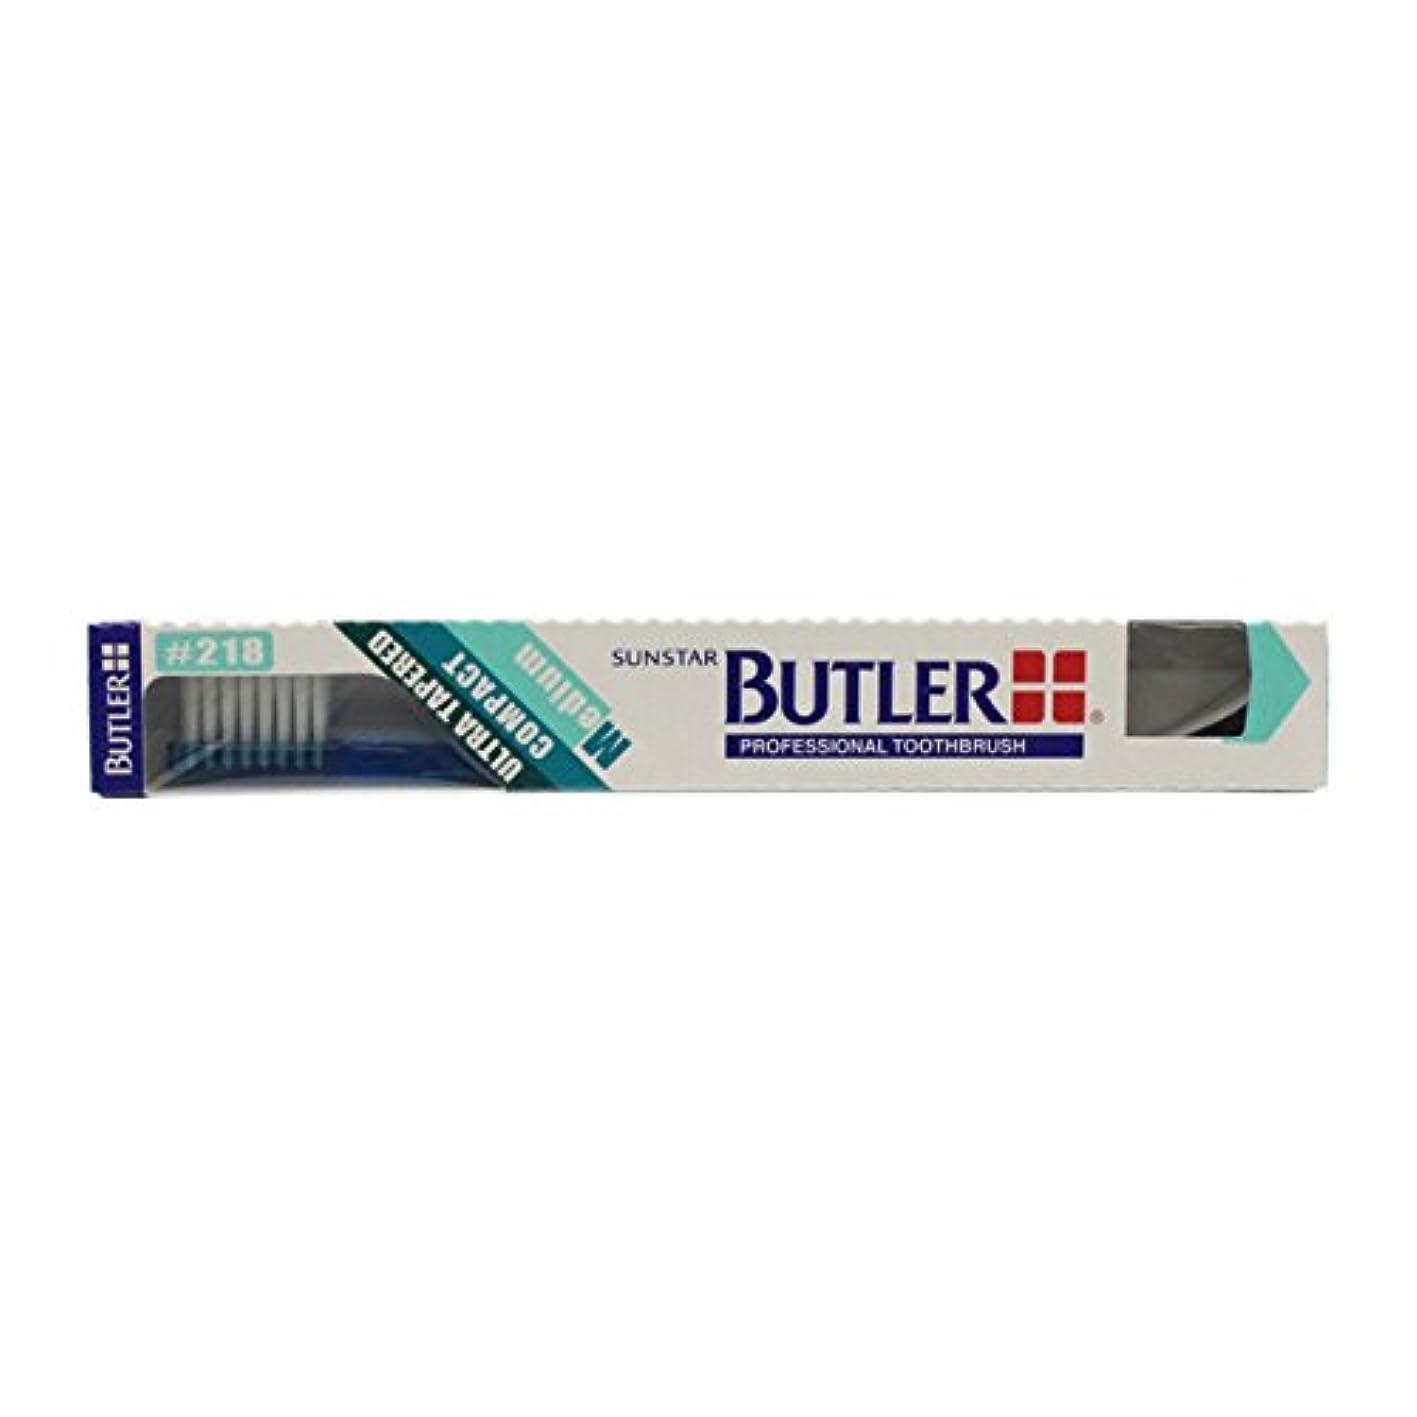 メタルライン水没スペインサンスター バトラー 歯ブラシ #218 1本